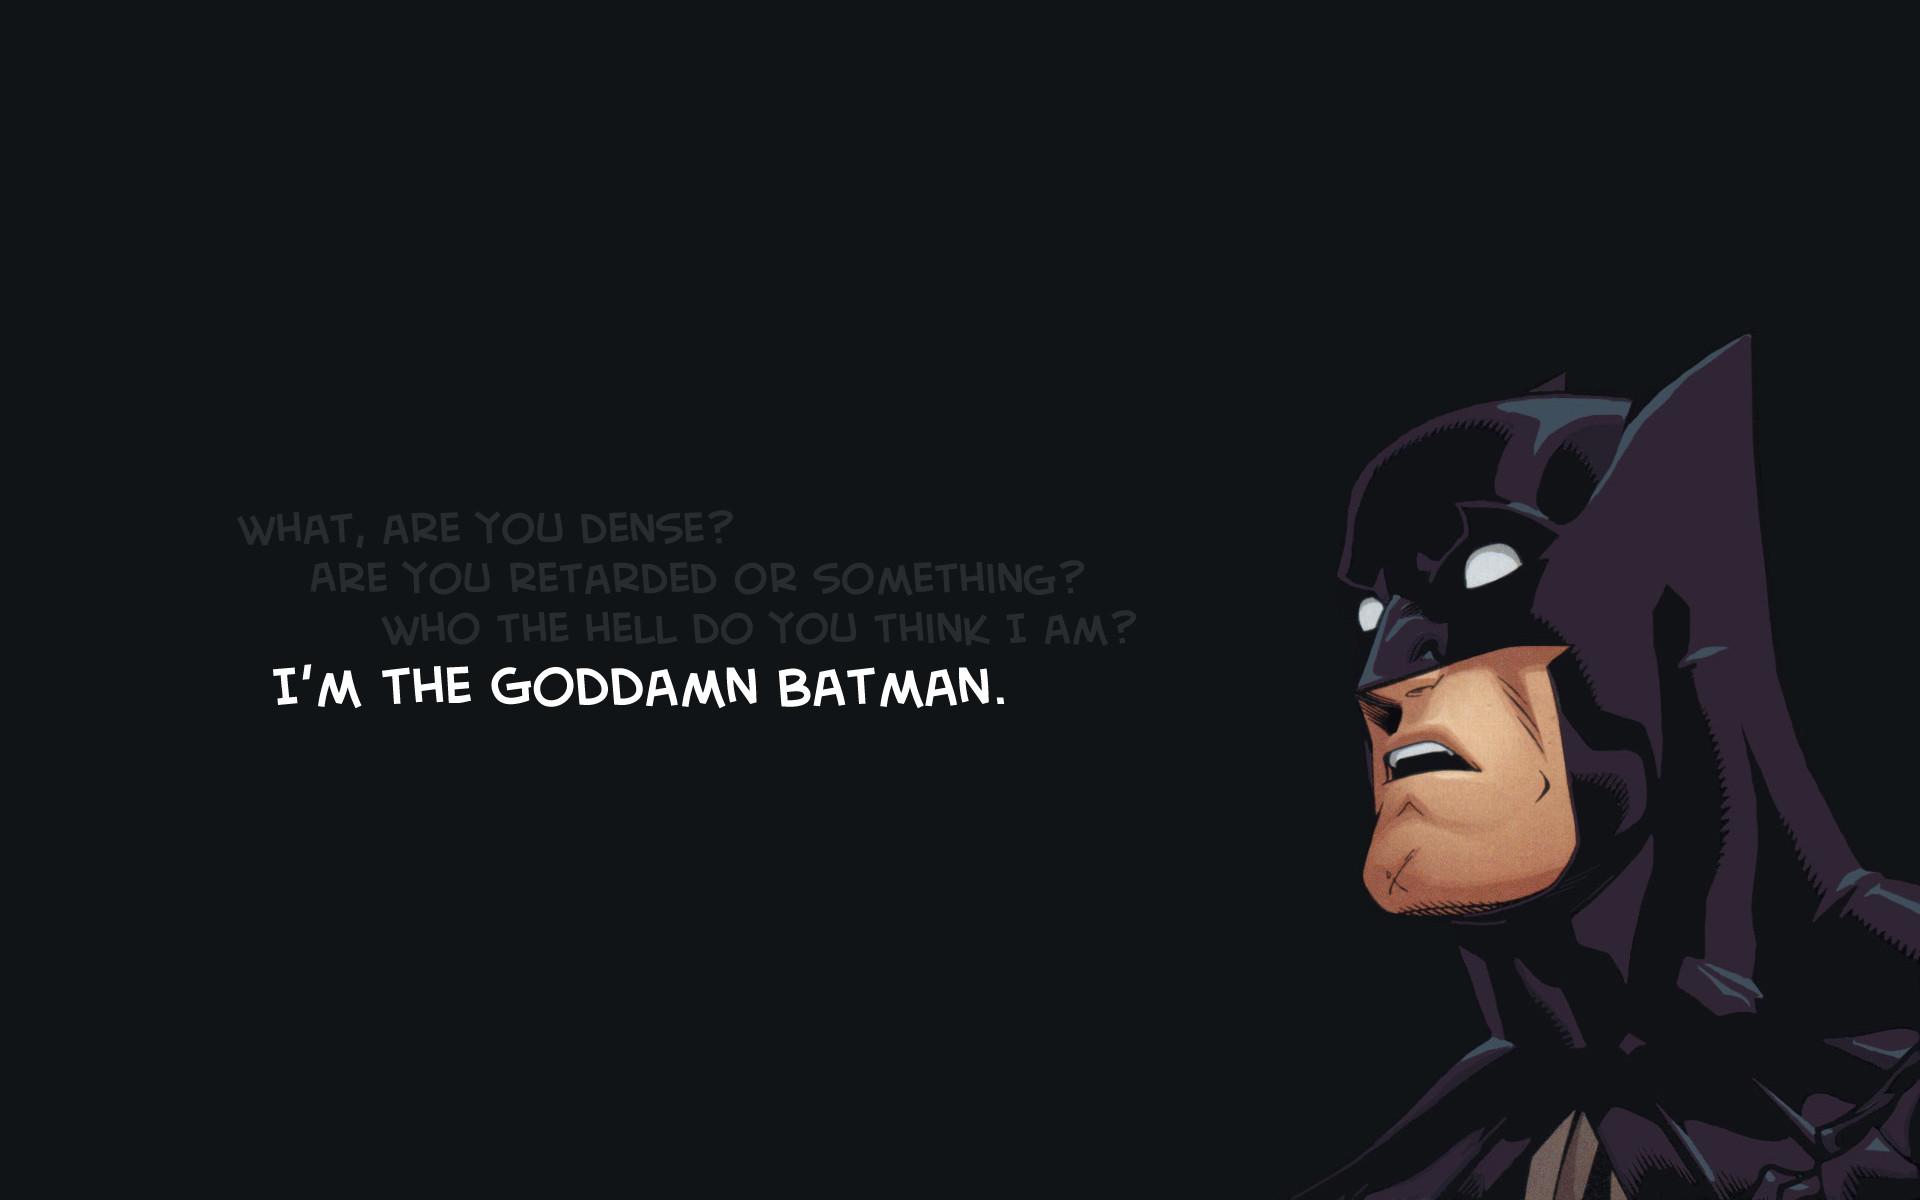 [Image: Quot+i+m+the+goddamned+batman+quot+_b316...8f499a.jpg]